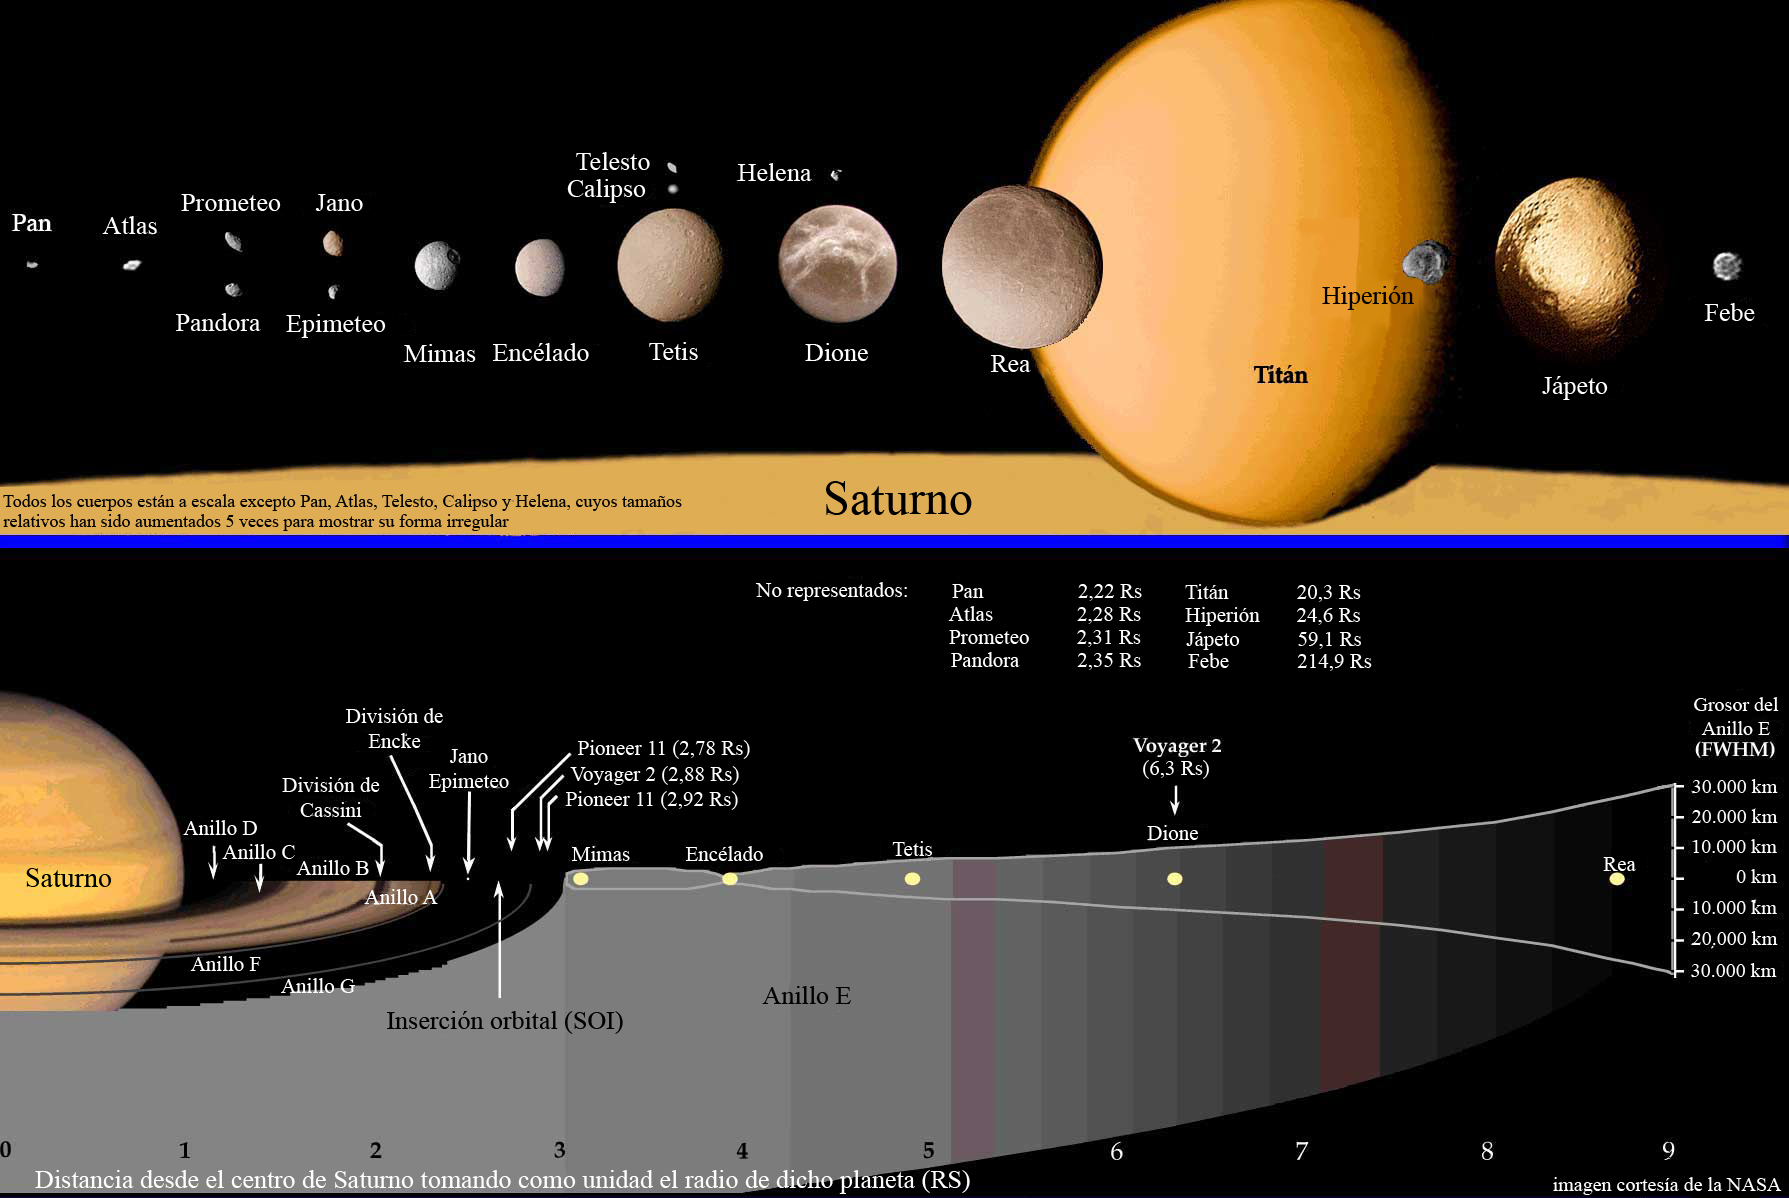 Saturn-map-es.jpg